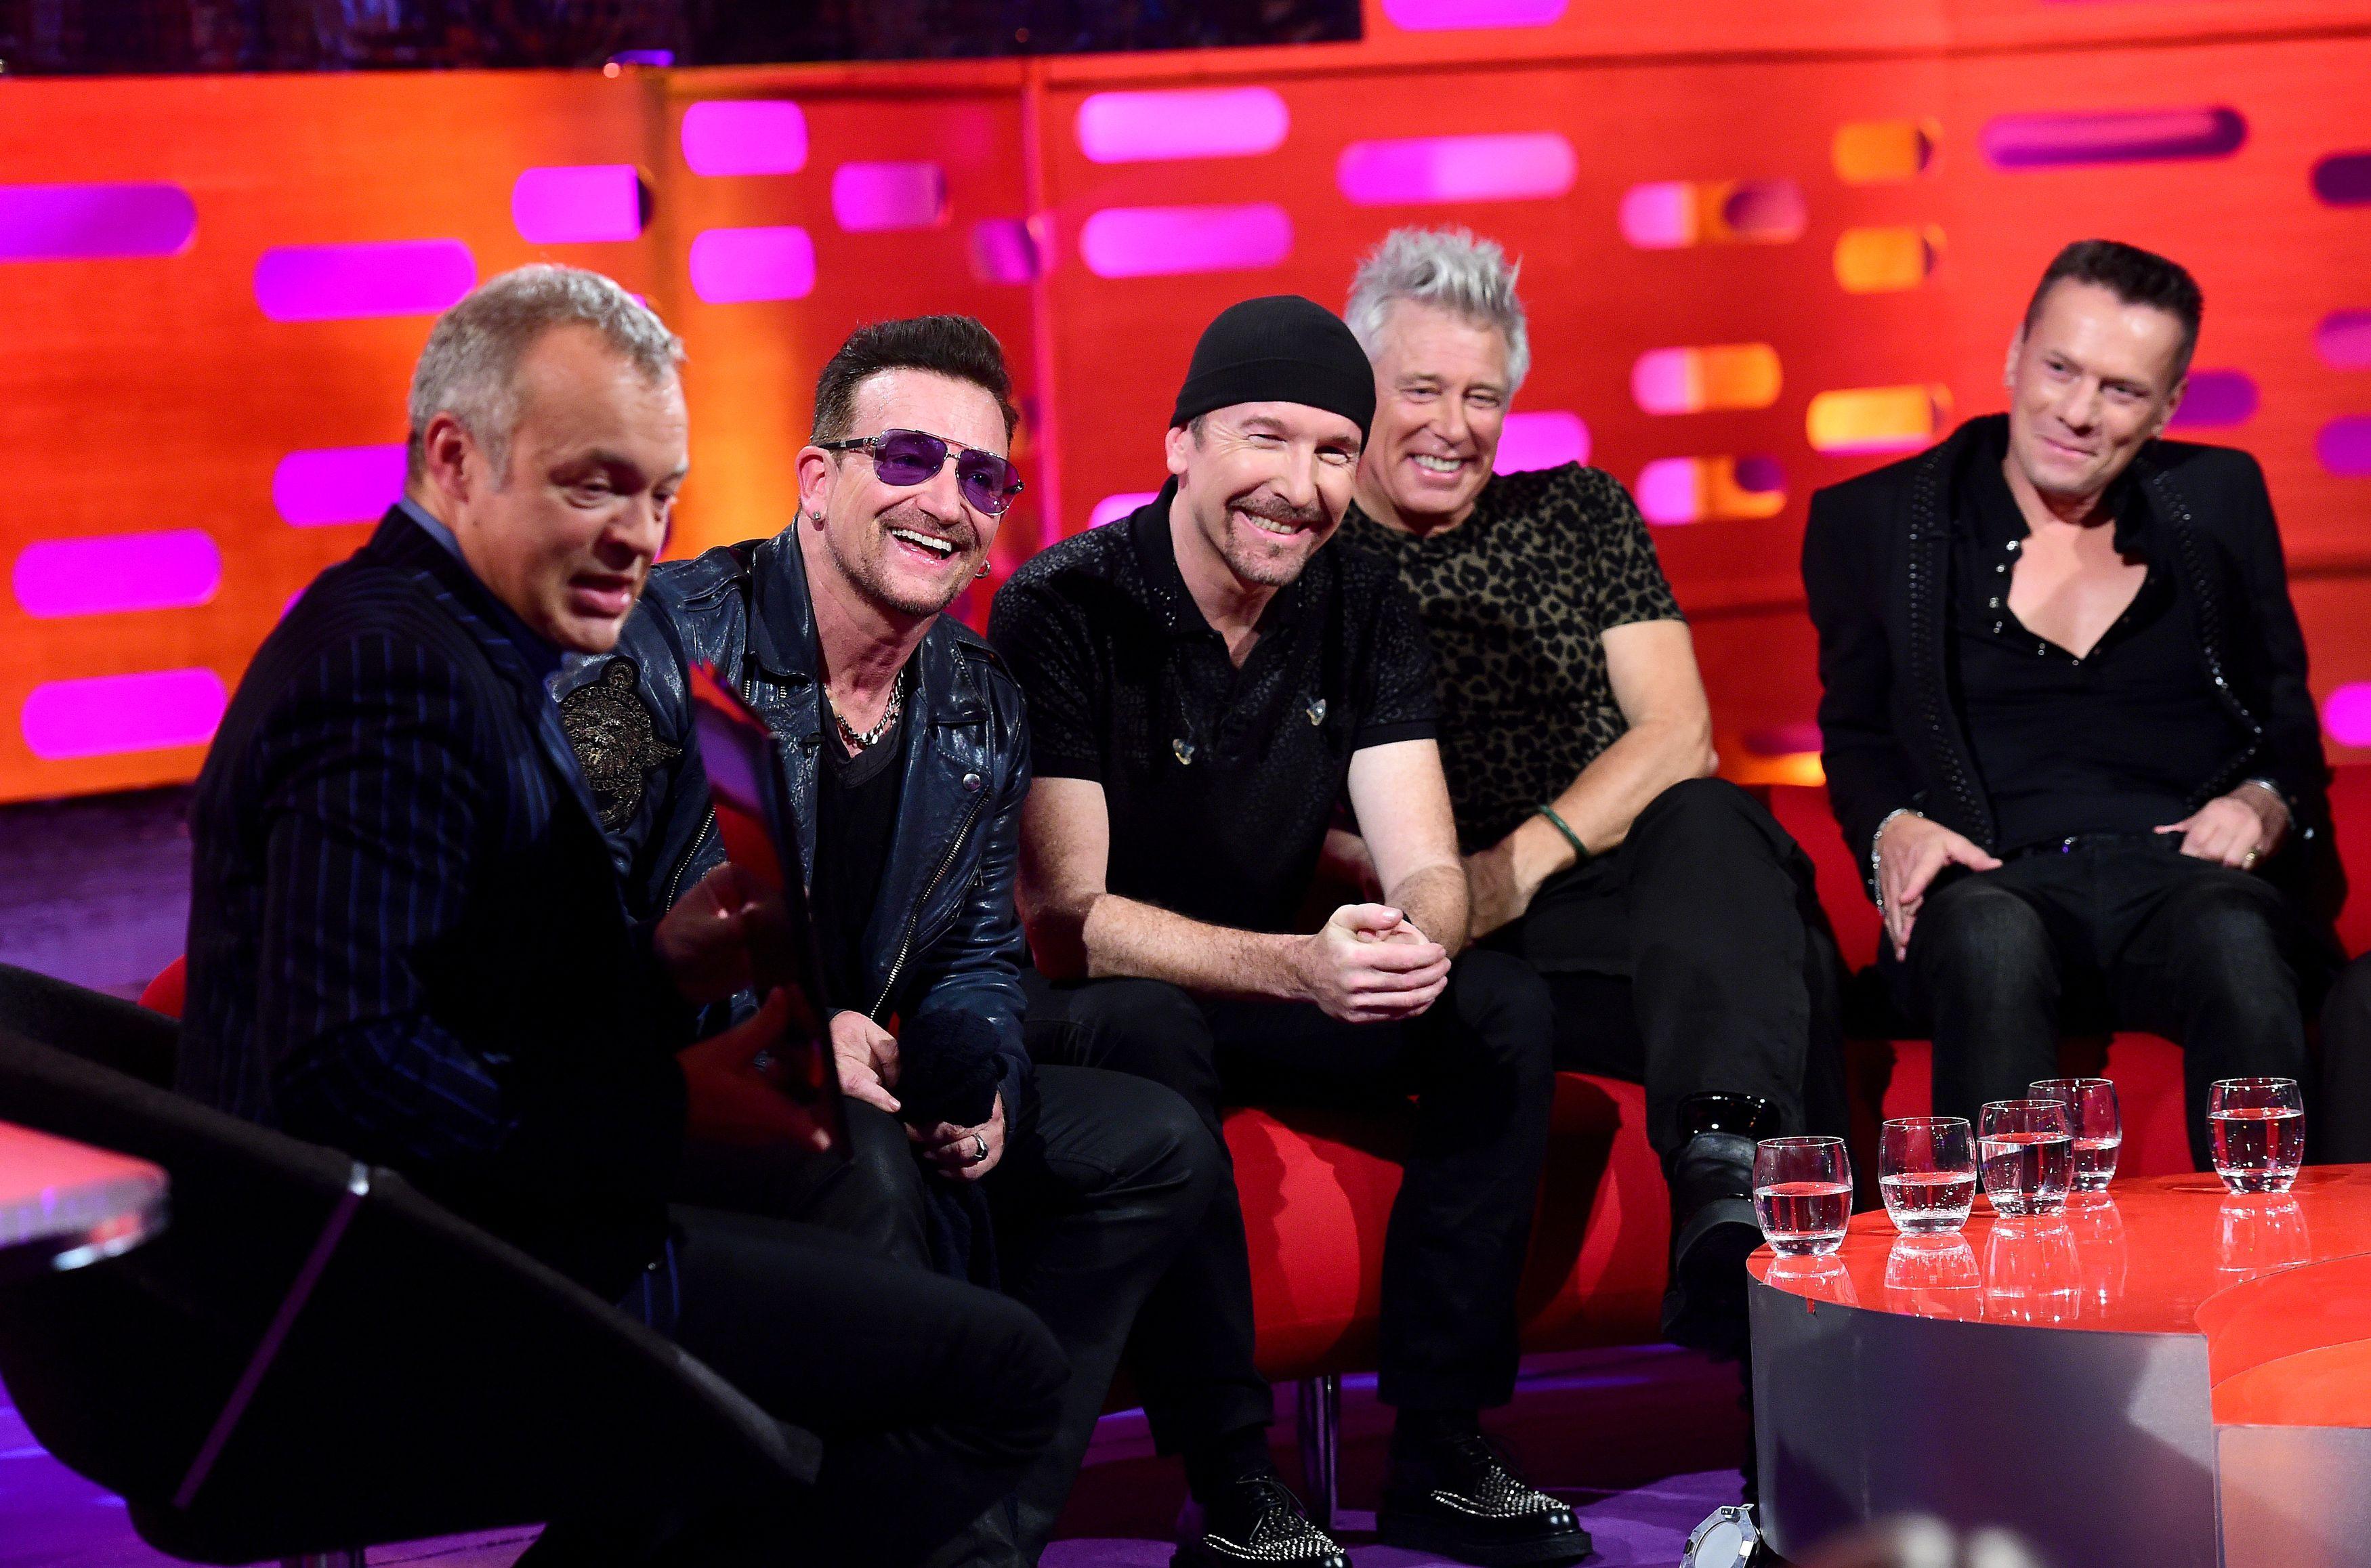 Update Stasera Su Bbc One U2 Il Live Di Ieri Sera Al